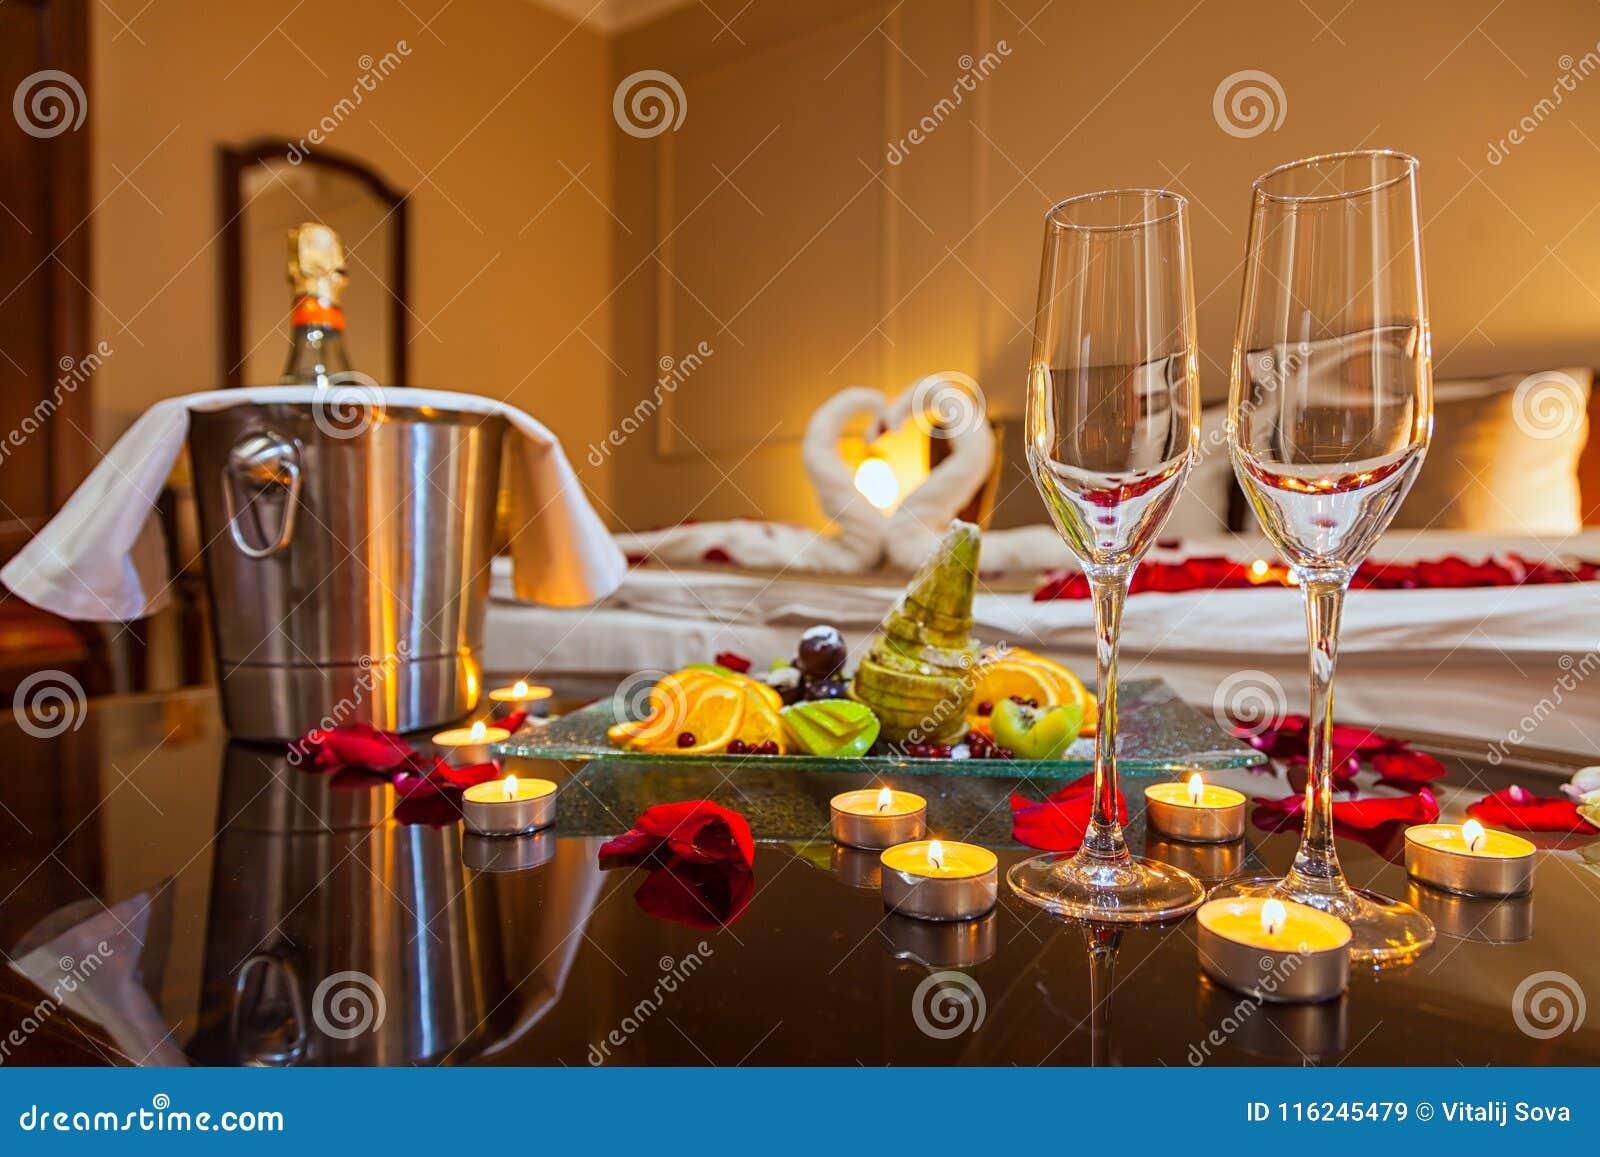 Cena Romántica Para Los Amantes Imagen De Archivo Imagen De Fondo Belleza 116245479